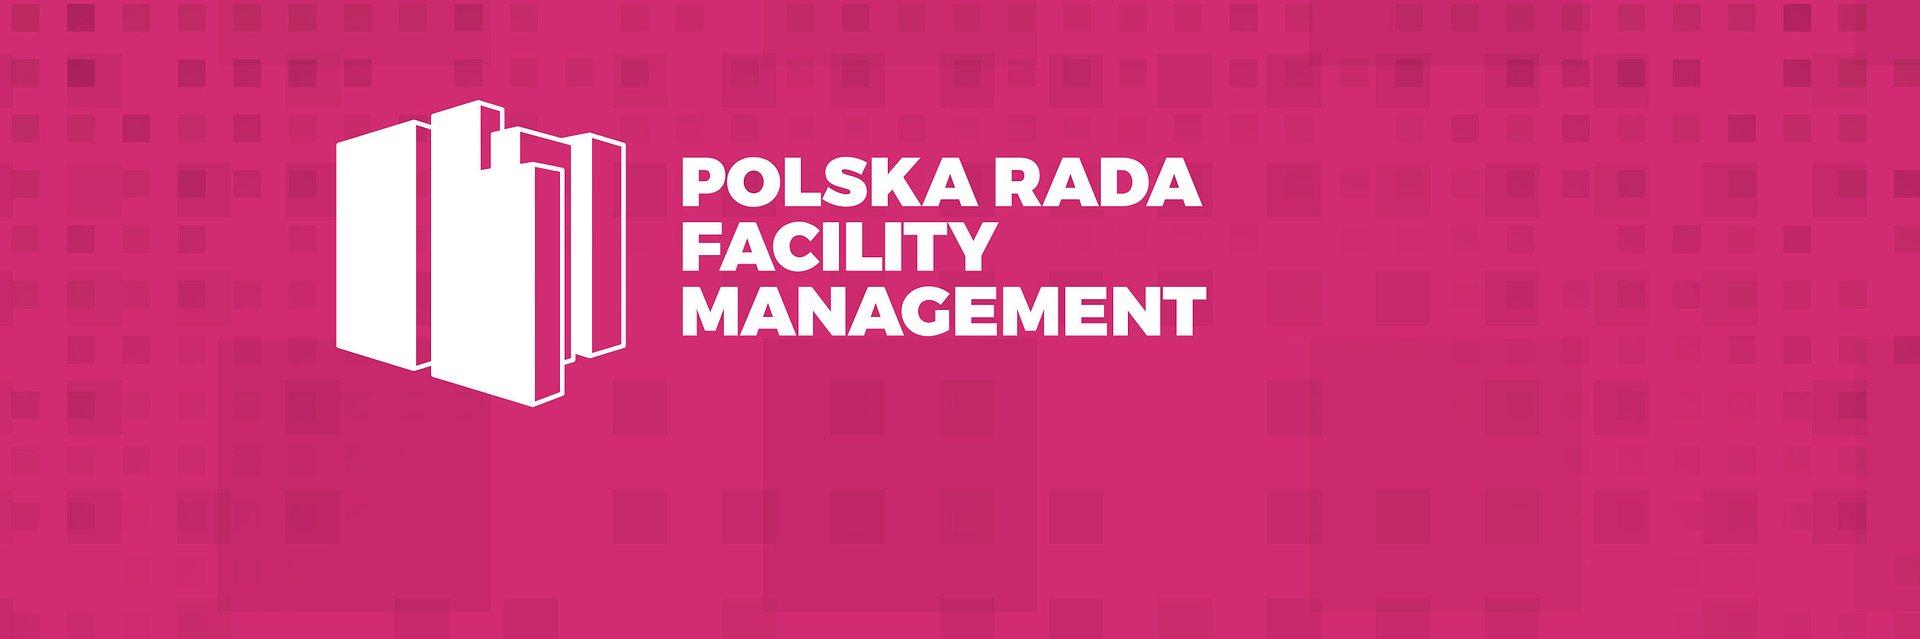 Ponad 600 000 osób w Polsce pracuje w sektorze obsługi obiektów